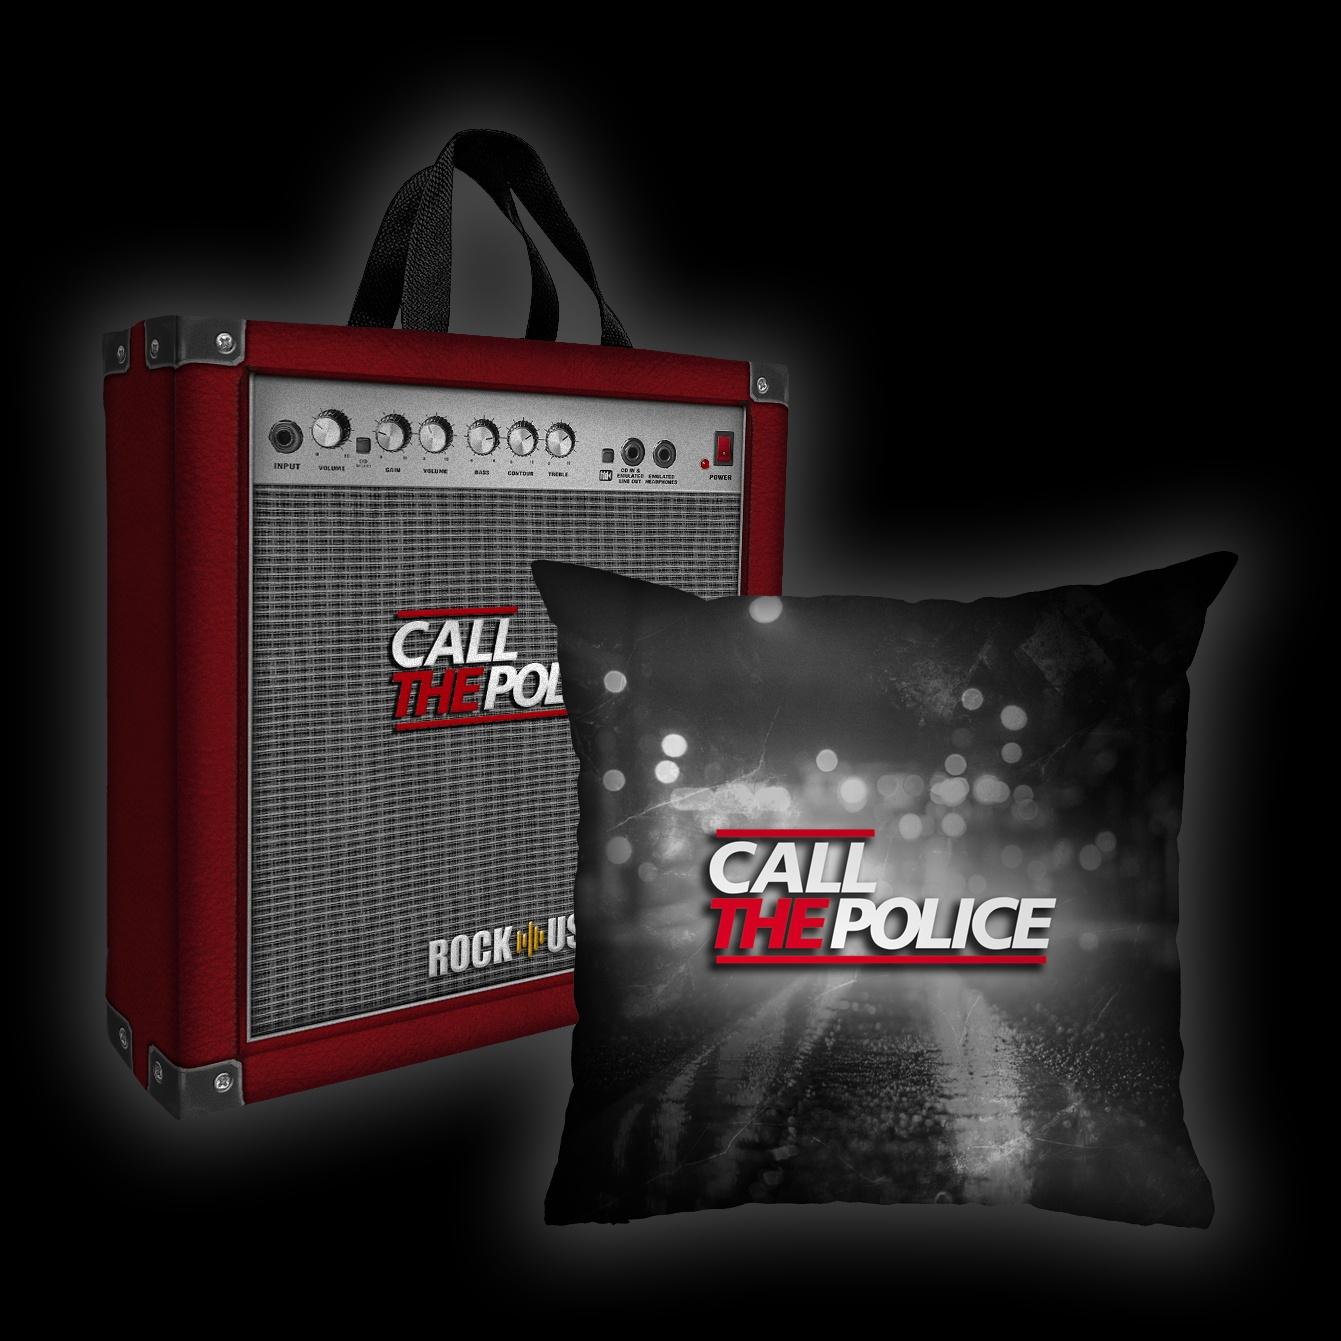 Kit Almofada + Sacola Call the Police - Lights (PB)